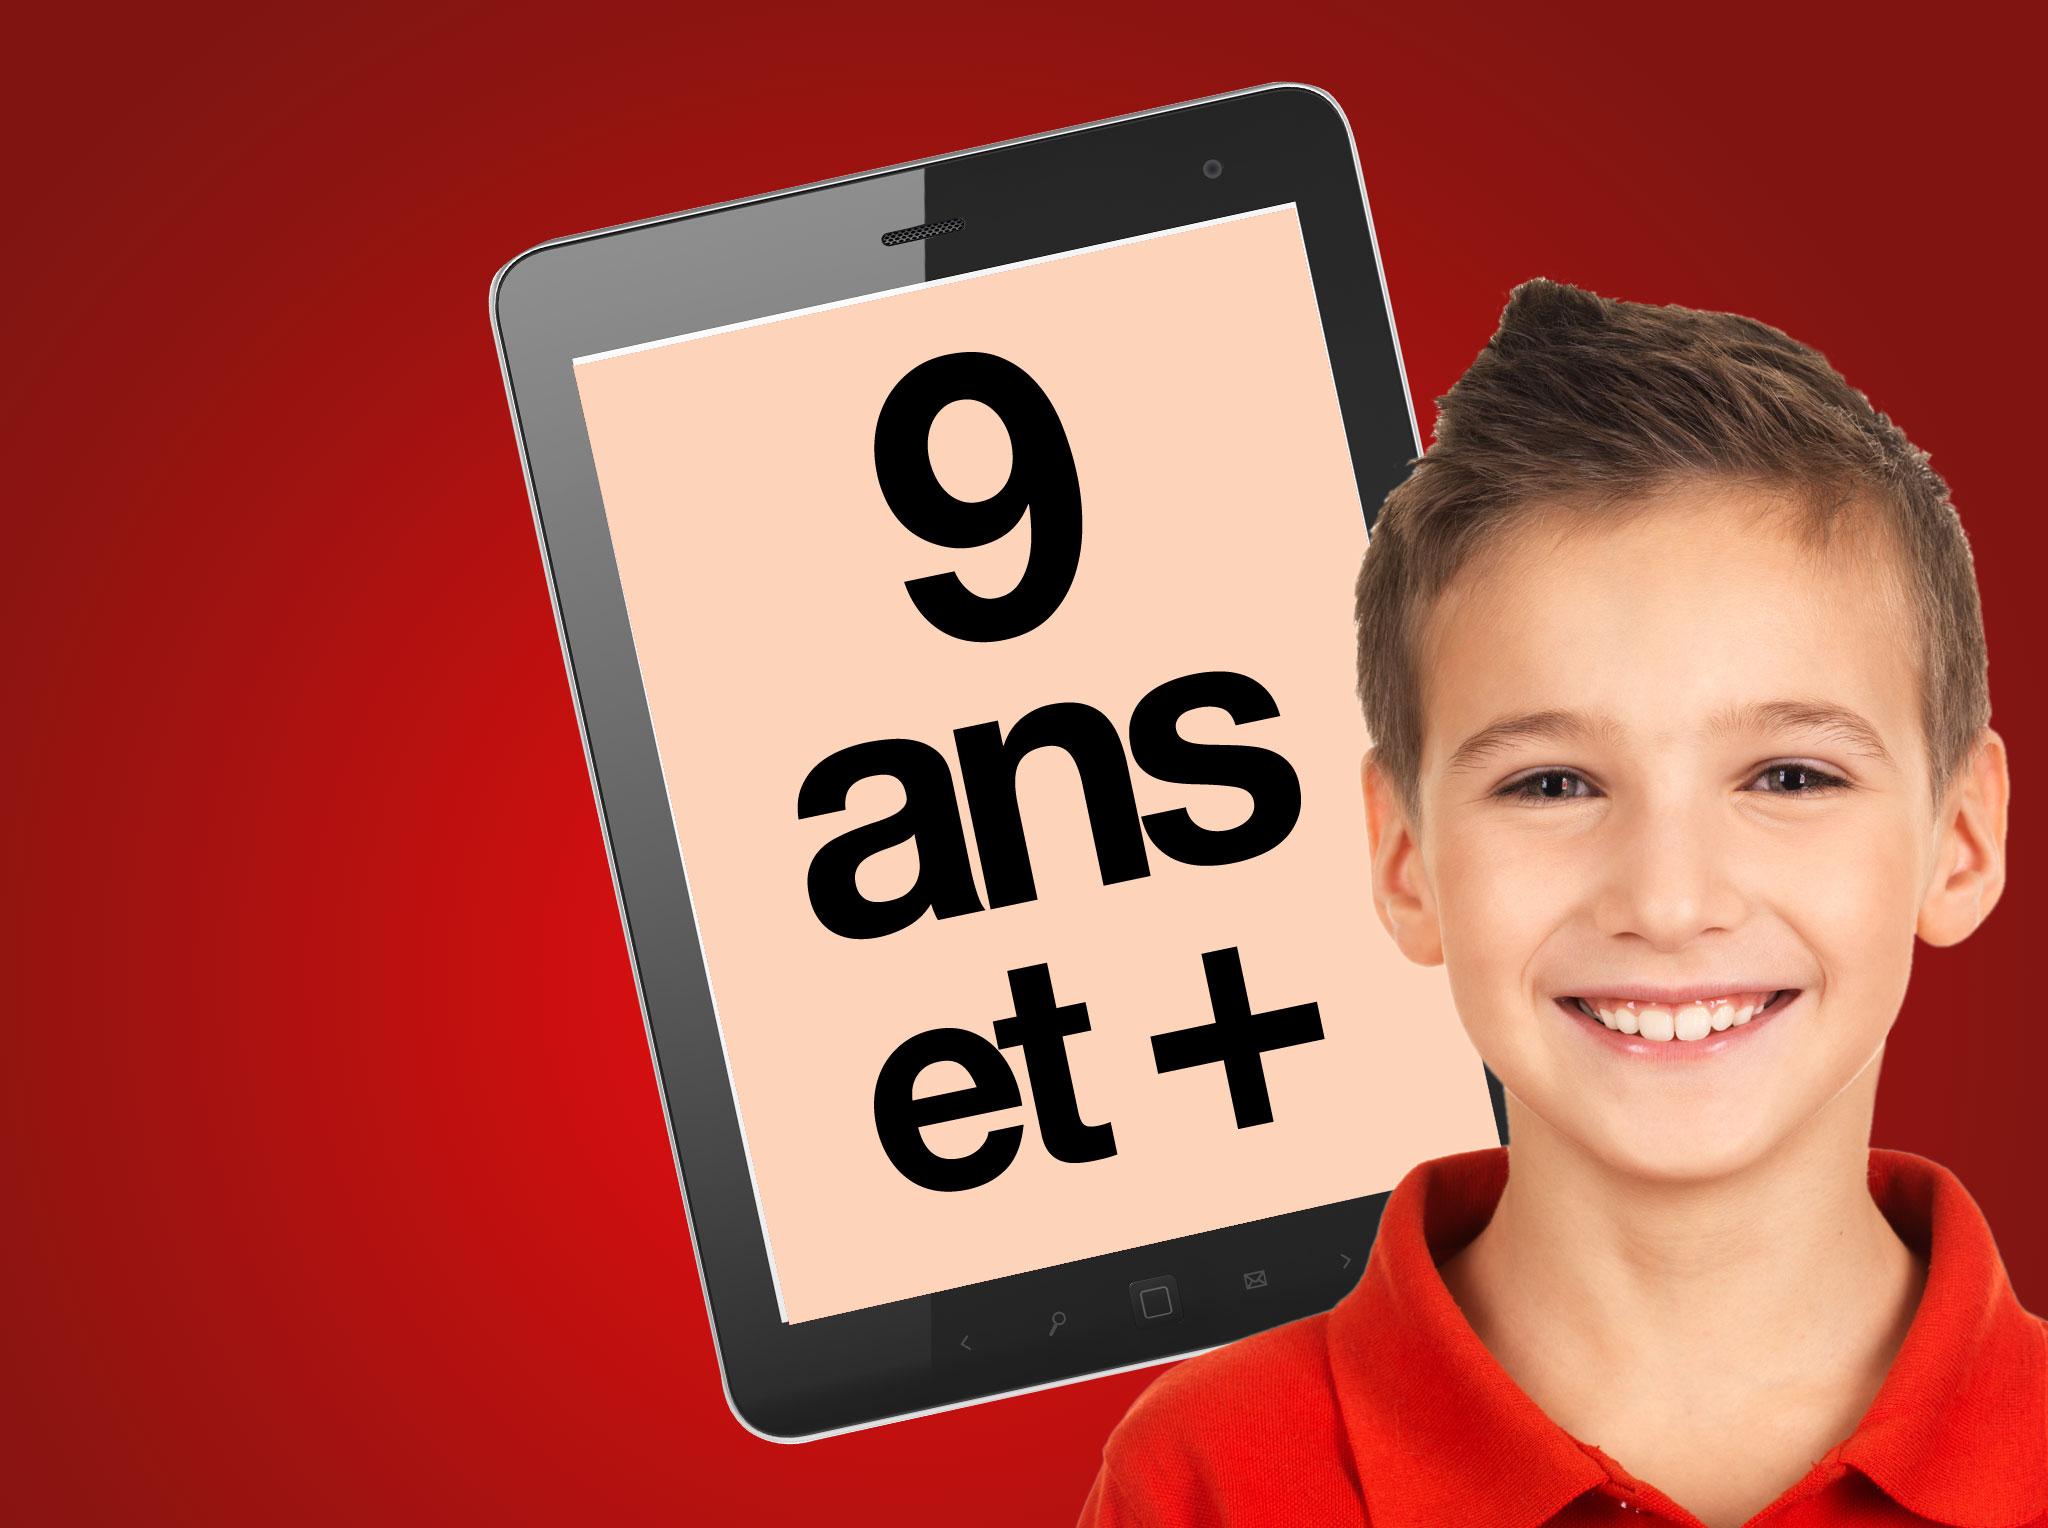 Jeux Sur Tablette: 64 Choix Pour Enfants | Protégez-Vous.ca destiné Jeu Gratuit Enfant 7 Ans